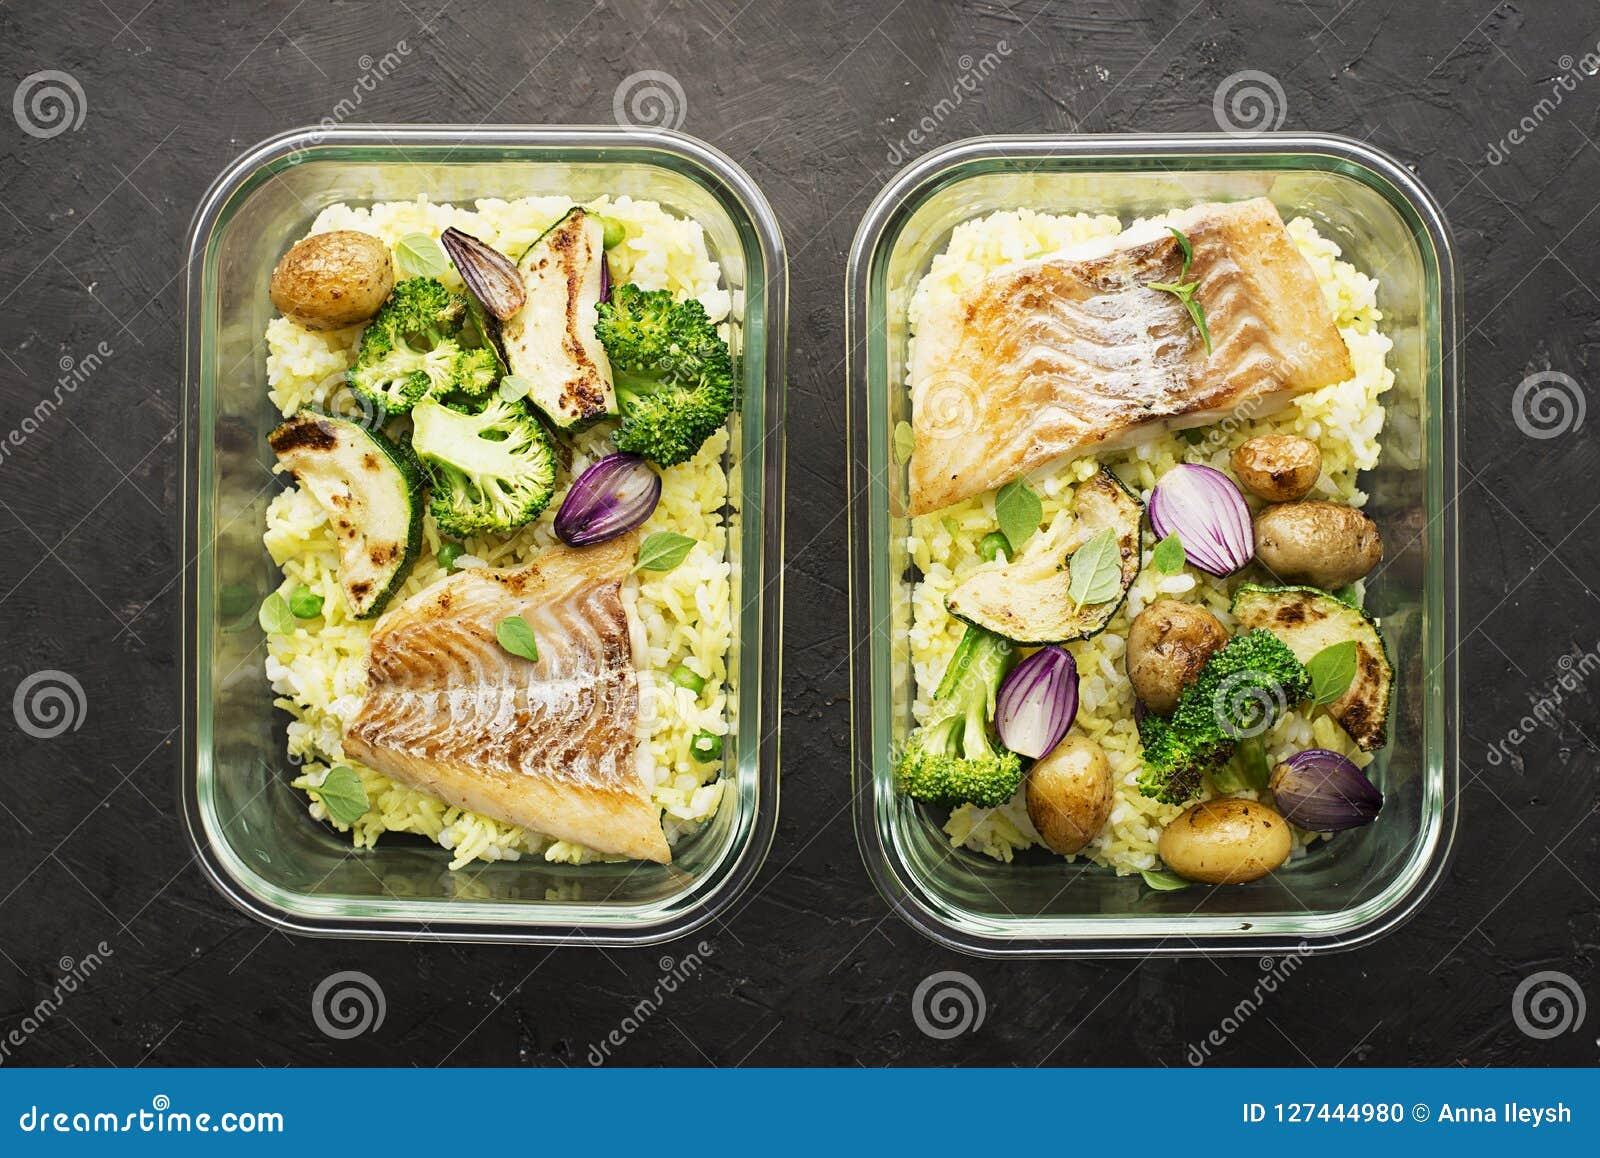 Ett sunt mål för ett mellanmål är en lunchask Glass behållare med den nya ångahavsfisken, ris med gurkmeja som är ny